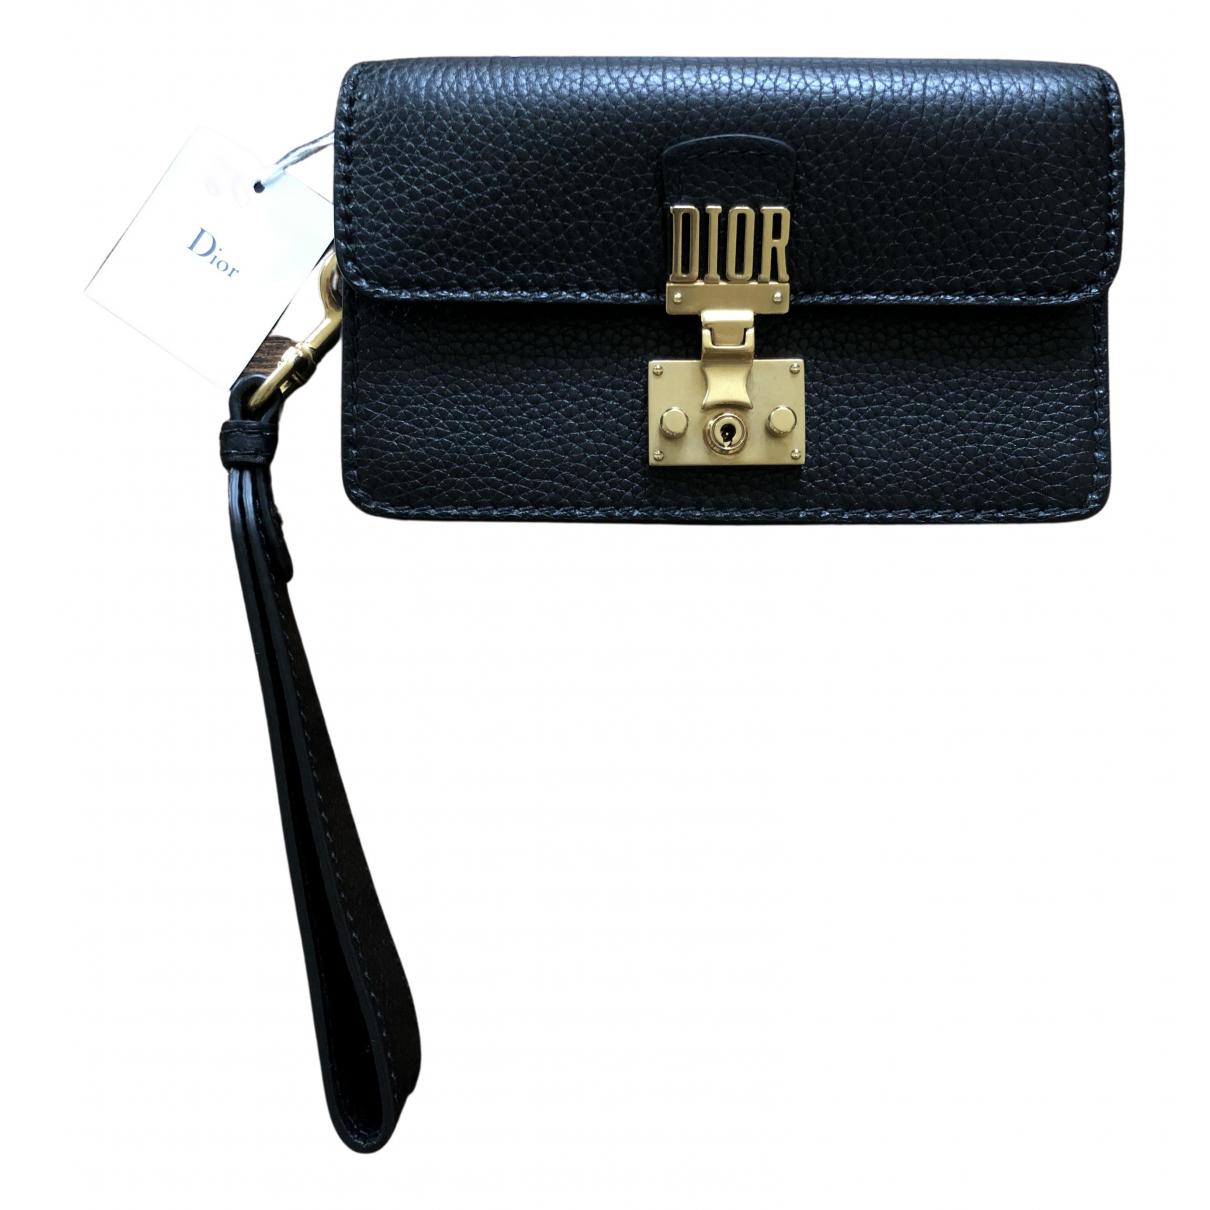 Pochette DiorAddict de Cuero Dior